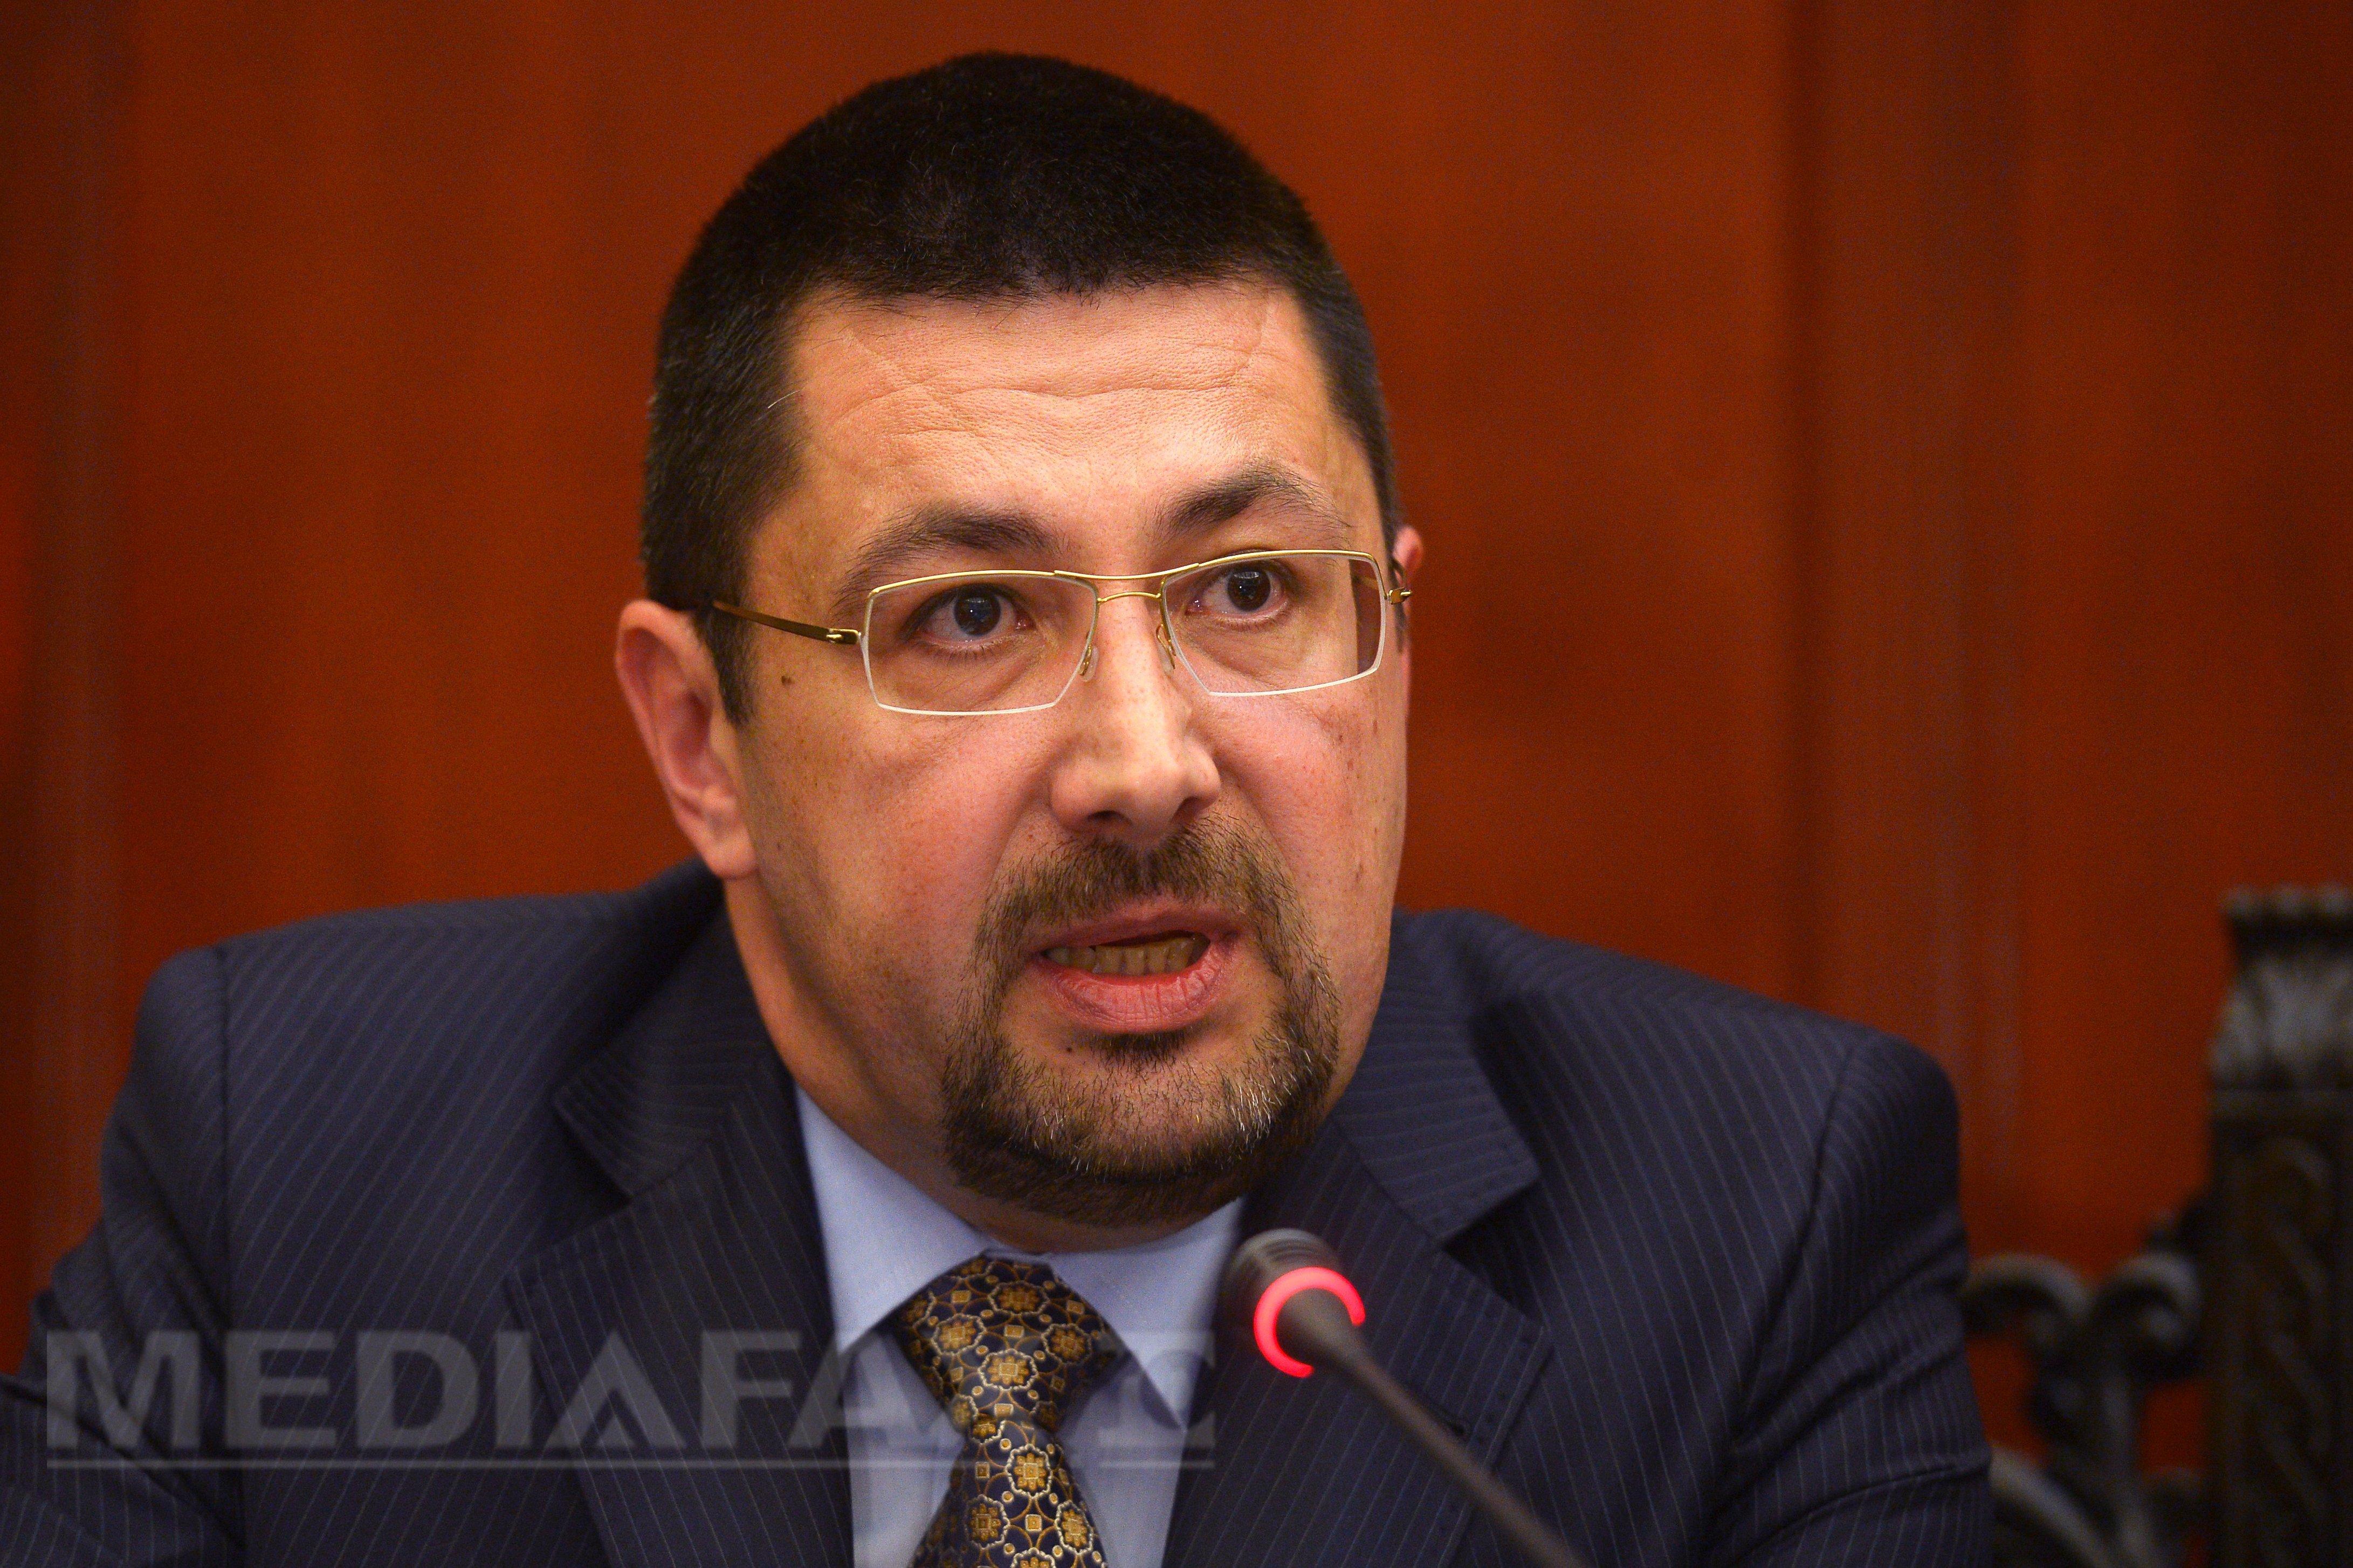 Laurenţiu Mihai, directorul executiv al APMGR, a fost numit preşedinte al Casei Naţionale de Asigurări de Sănătate